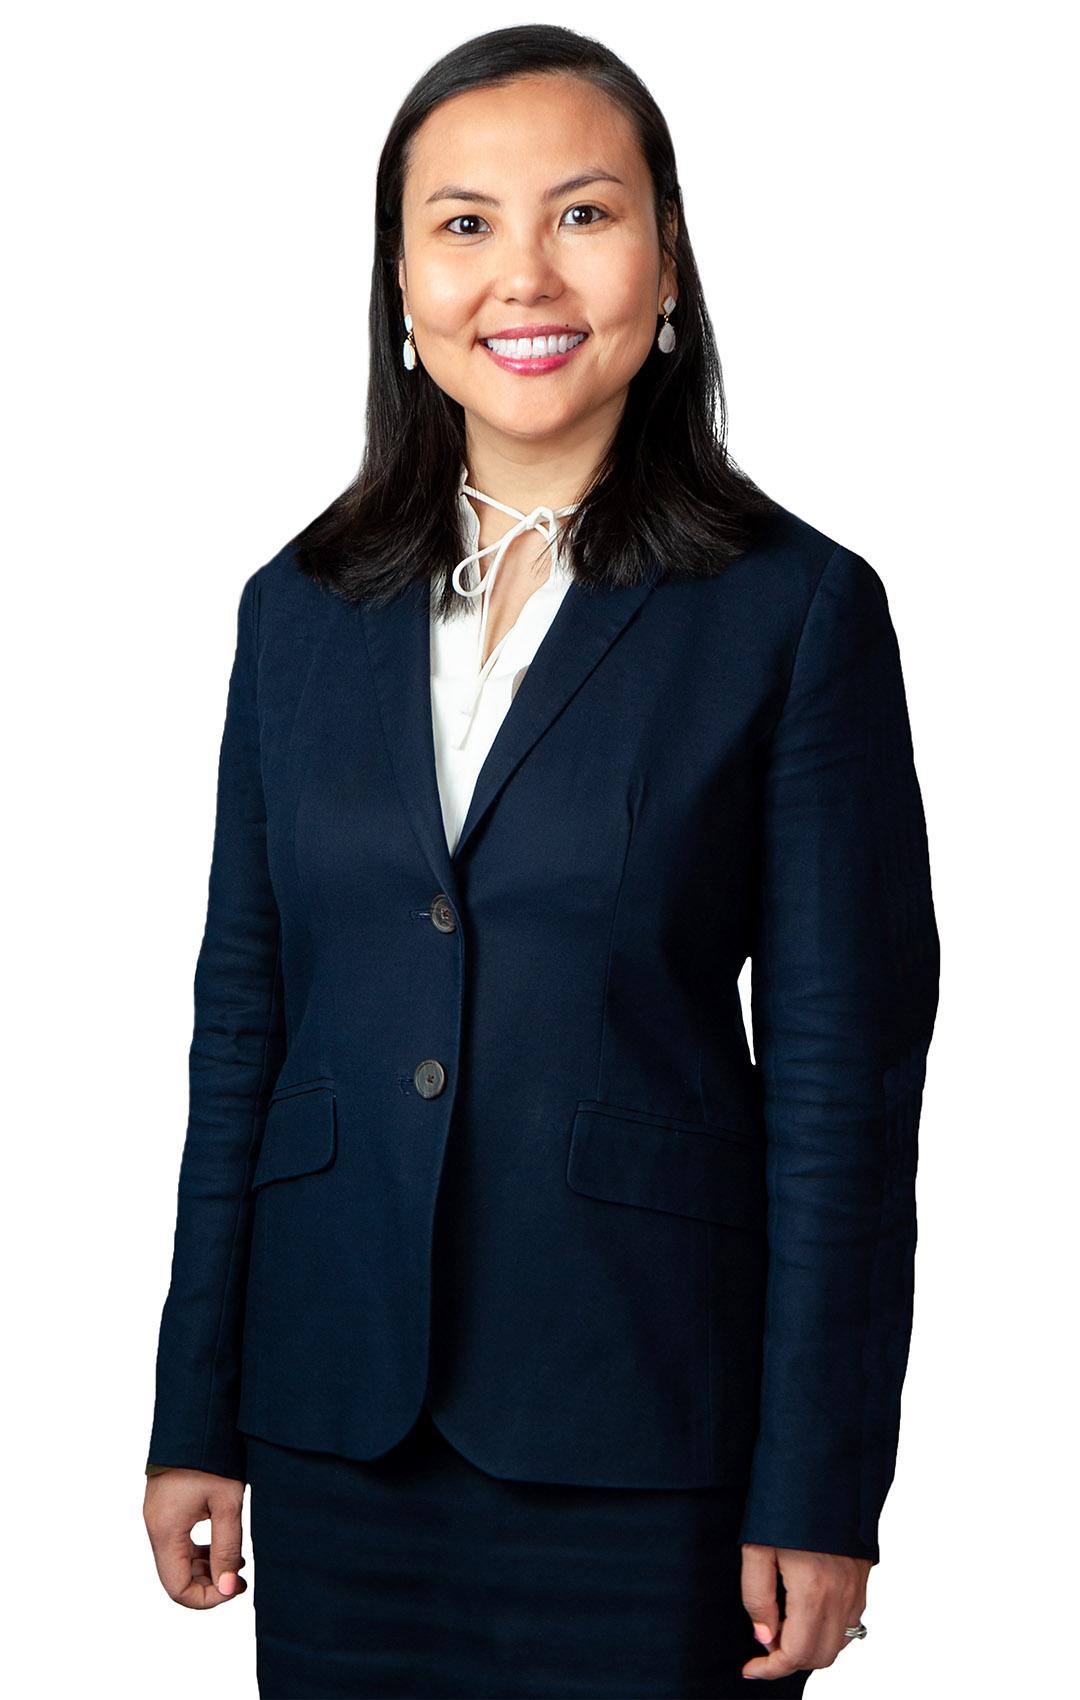 Amy B. Cheng